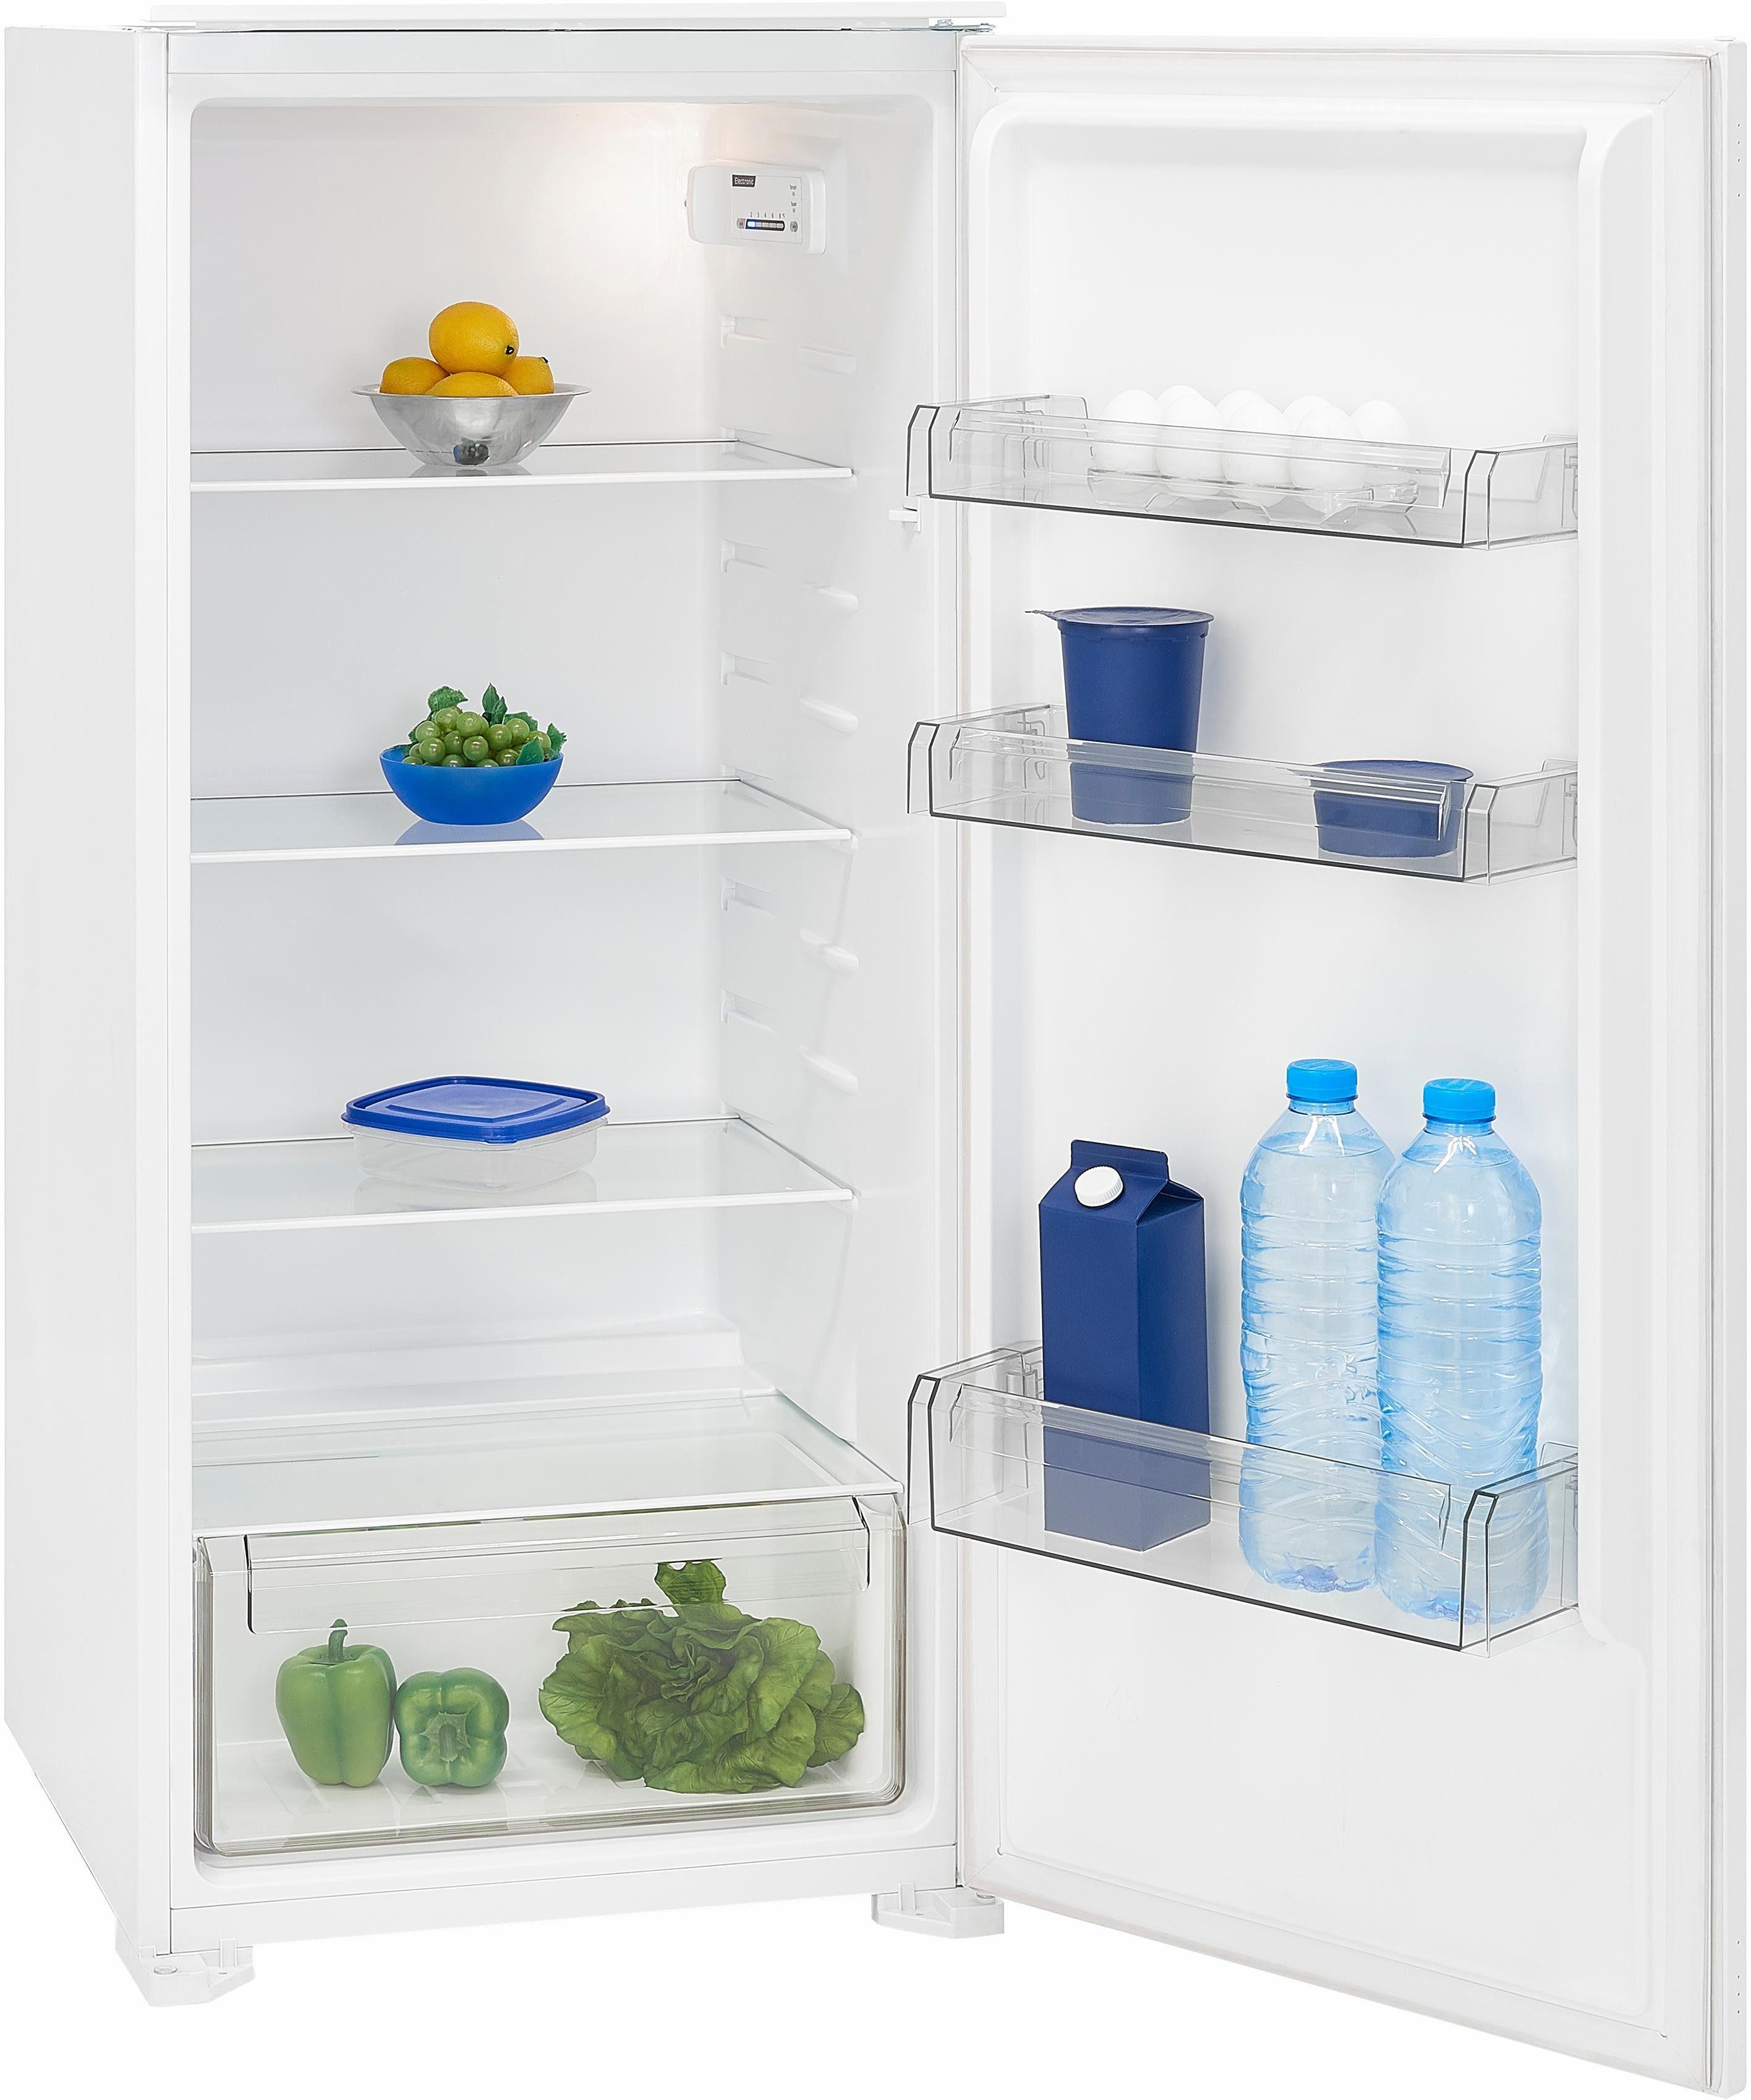 Exquisit Einbaukühlschrank EKS 201-4 RV, 122,6 cm hoch, 54,0 cm breit, A+, integrierbar